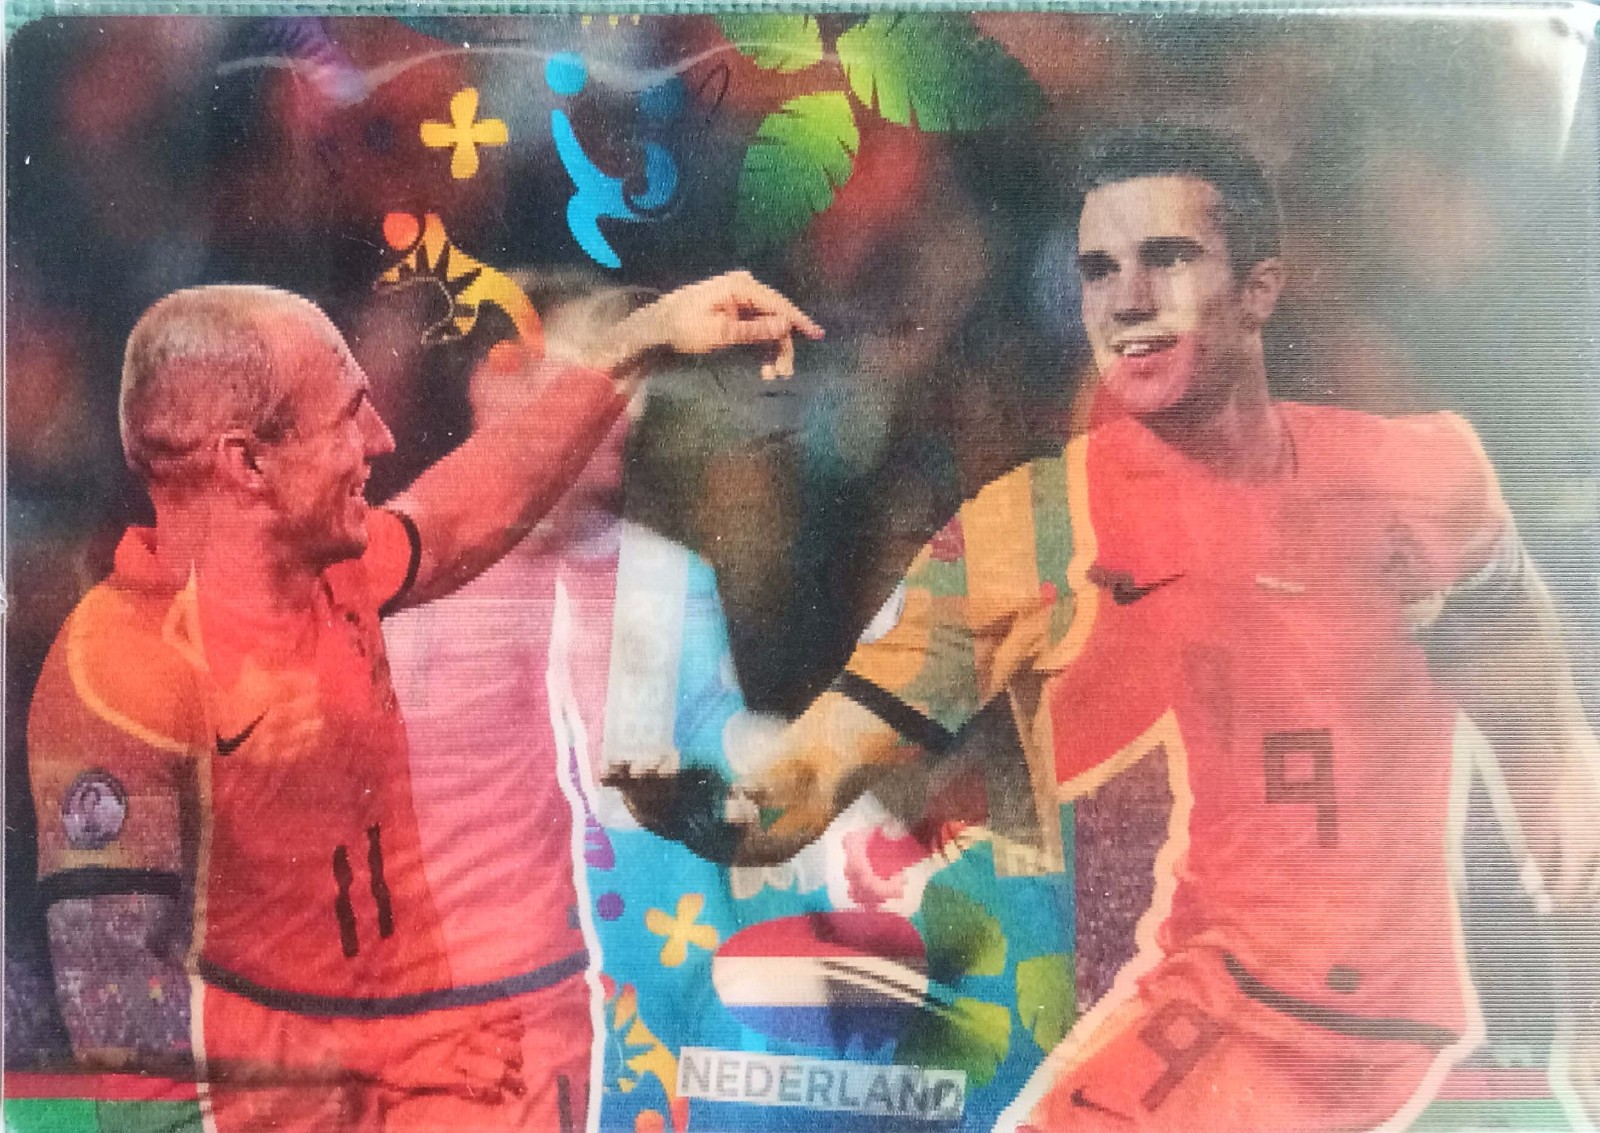 2014 Panini 世界杯游戏版 双人特卡 荷兰 罗本&范佩西